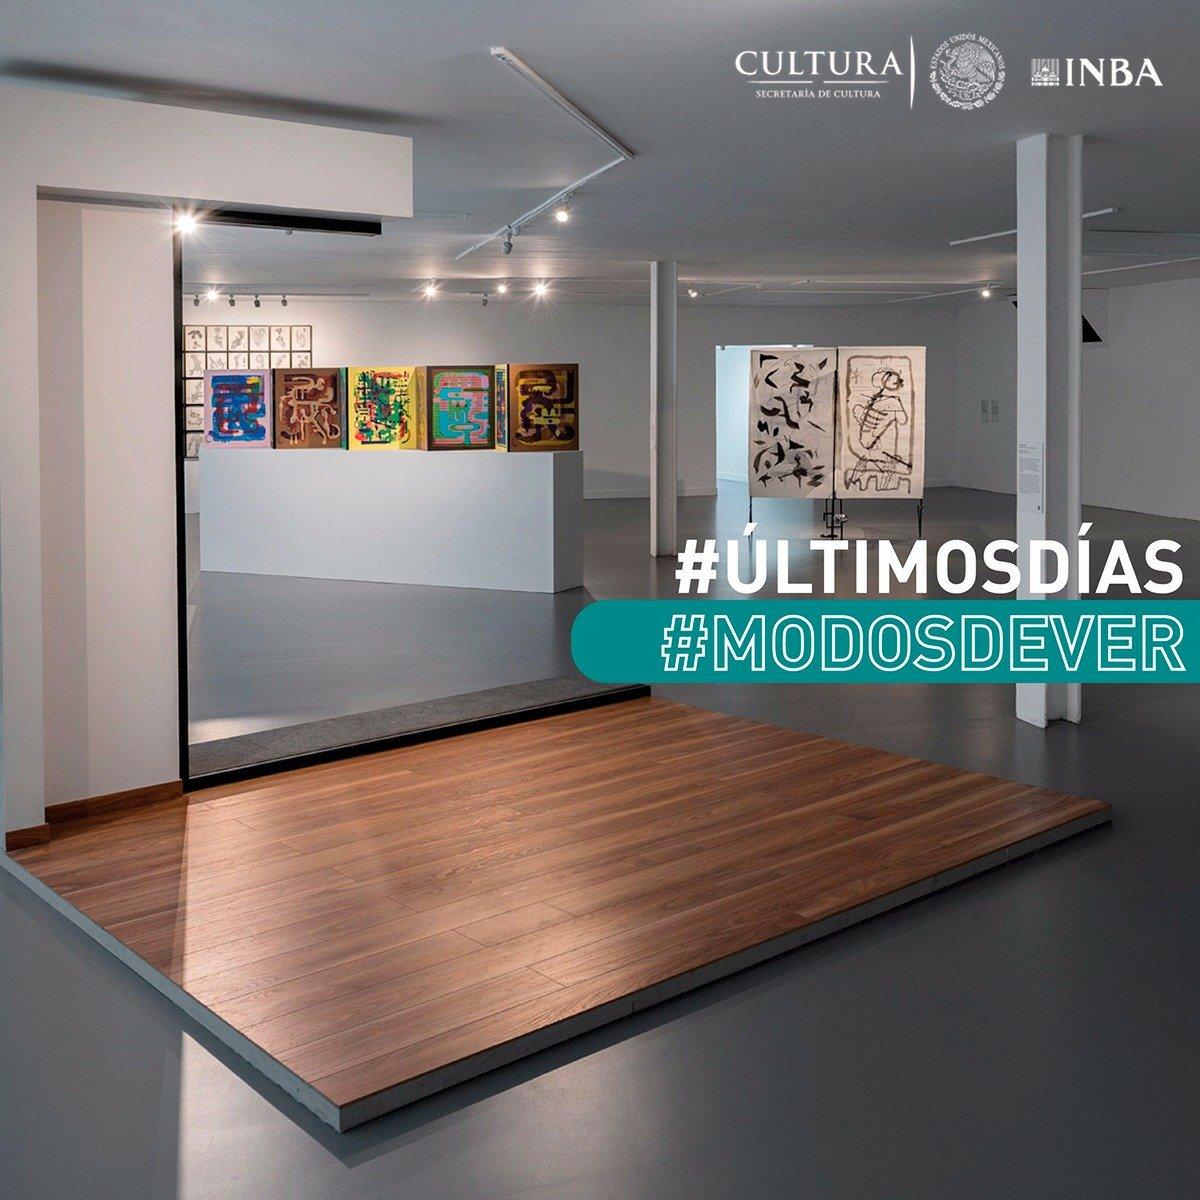 Bonito Muestra De Reanudar Bellas Artes Molde - Ejemplo De Colección ...